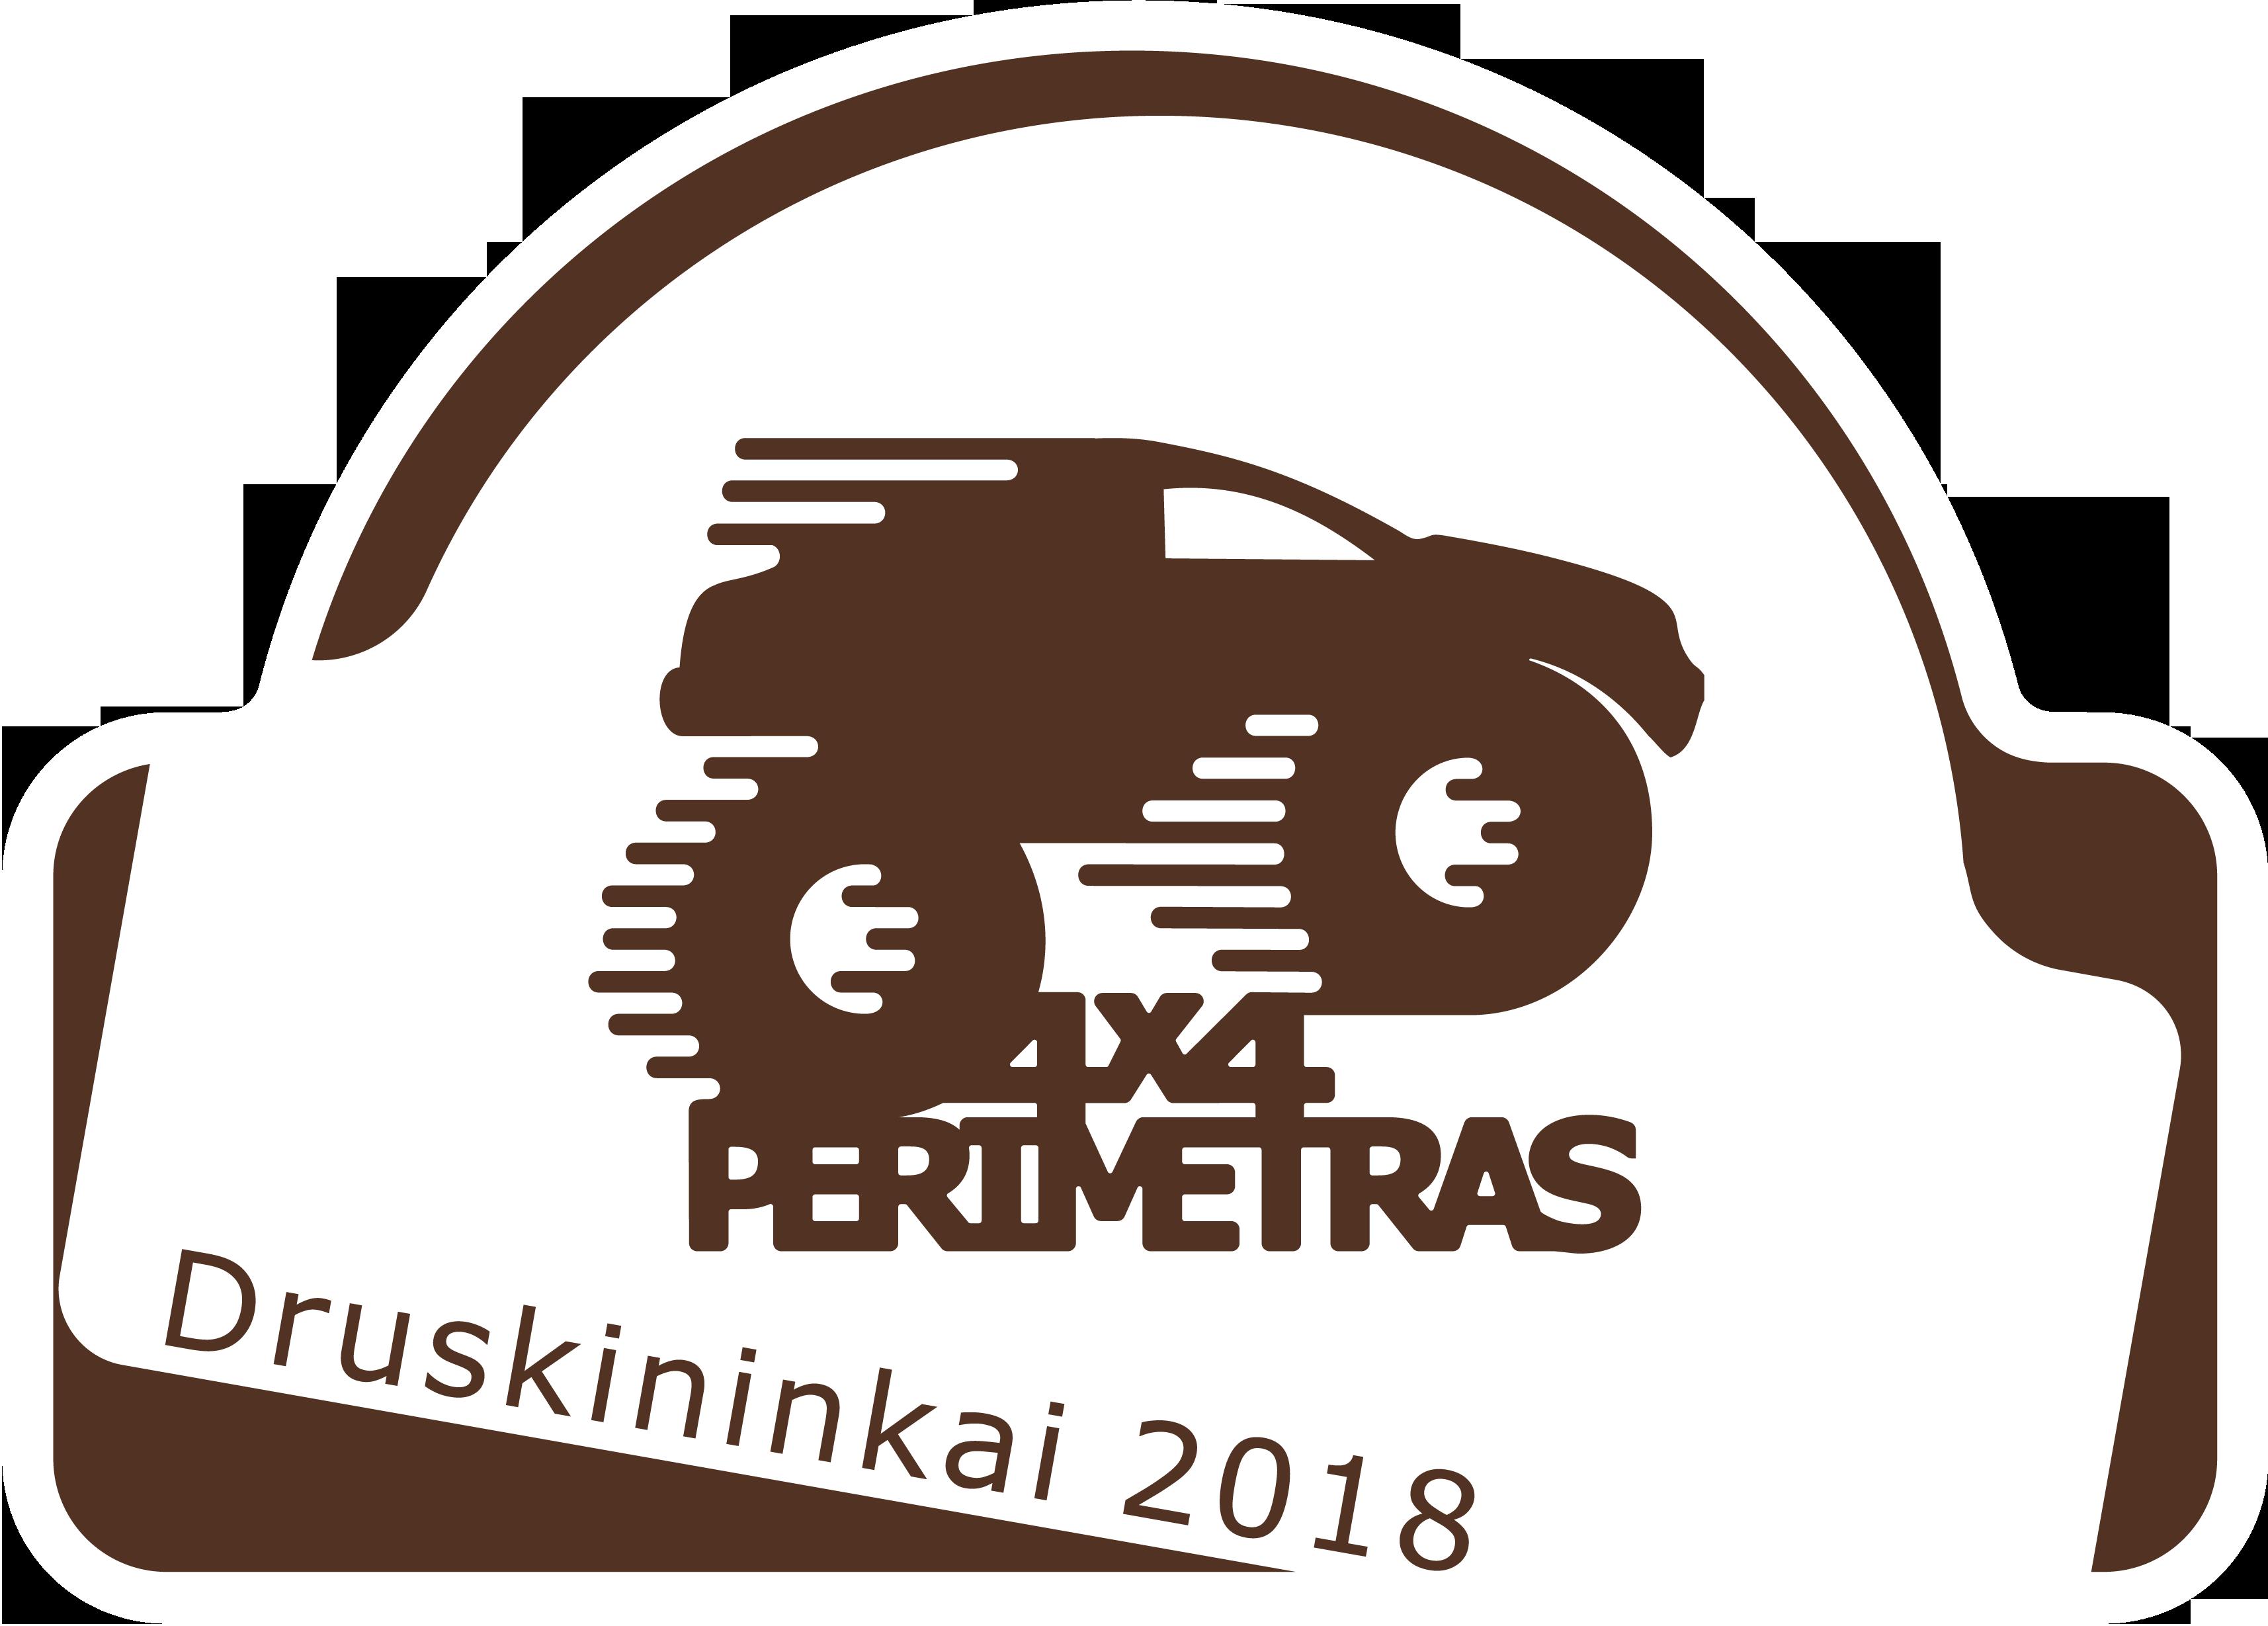 4x4p 2018 logo Druska